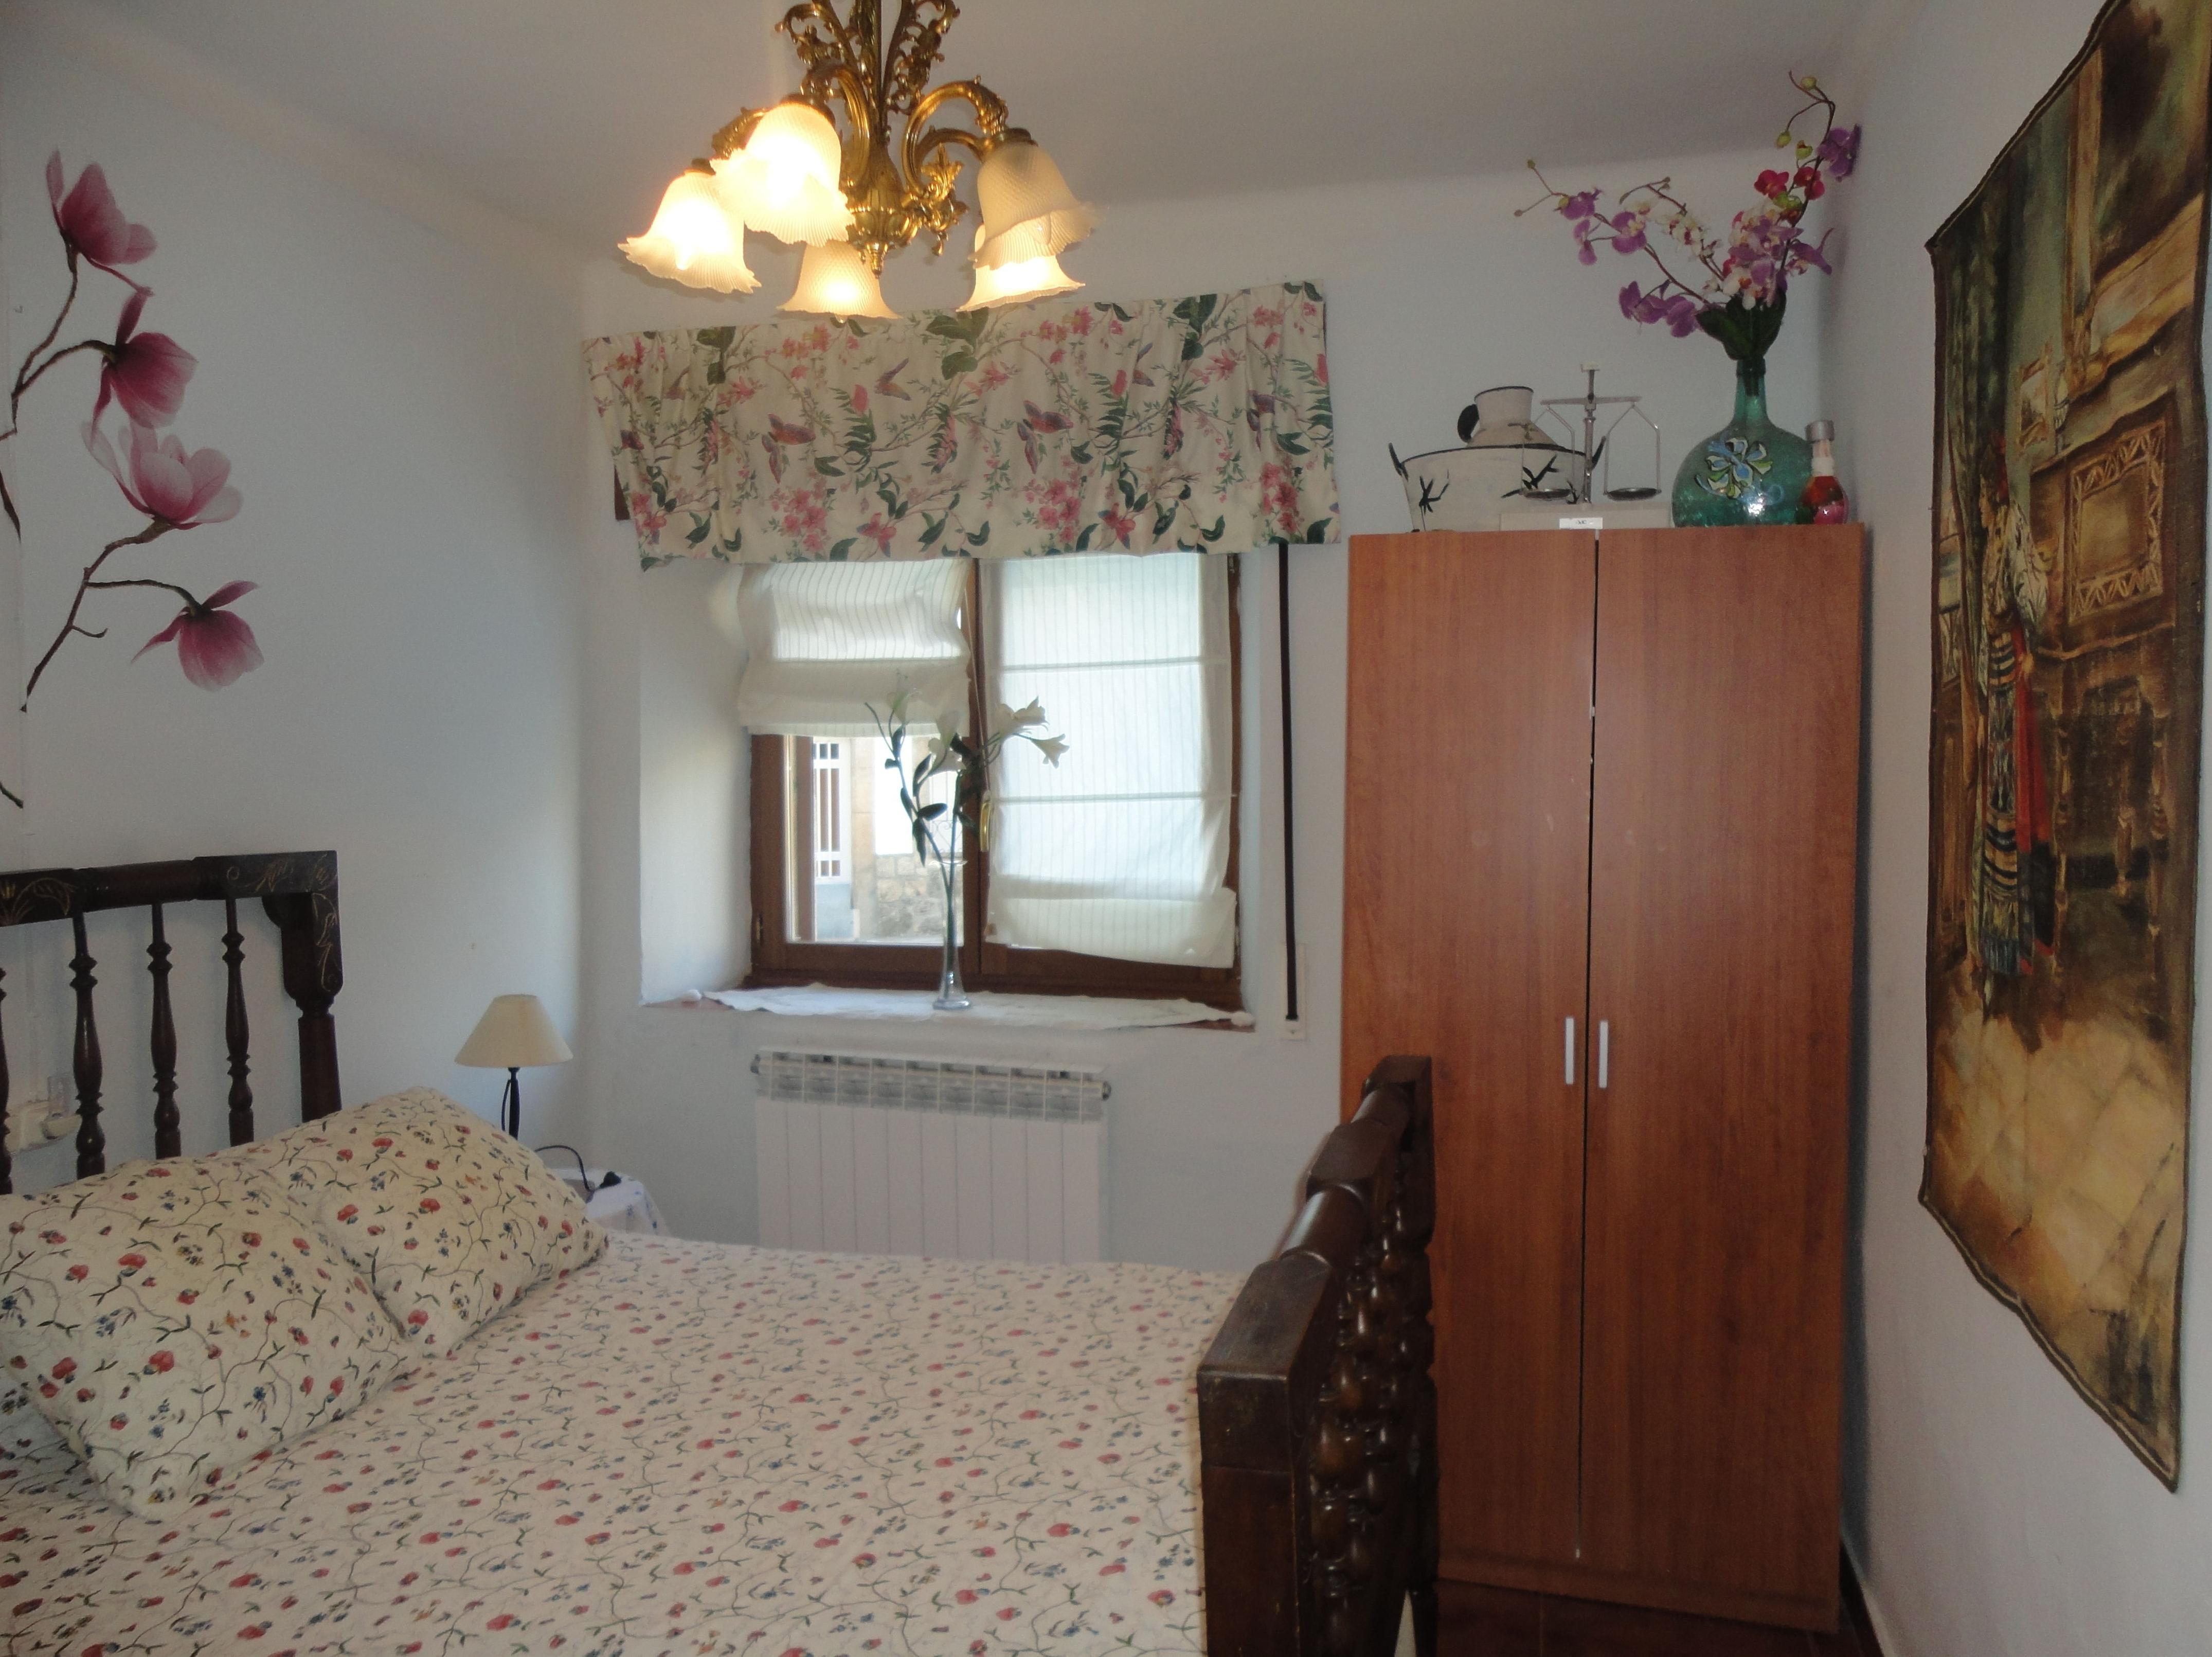 habitación nº 2  cama de madera restaurada por los propietarios